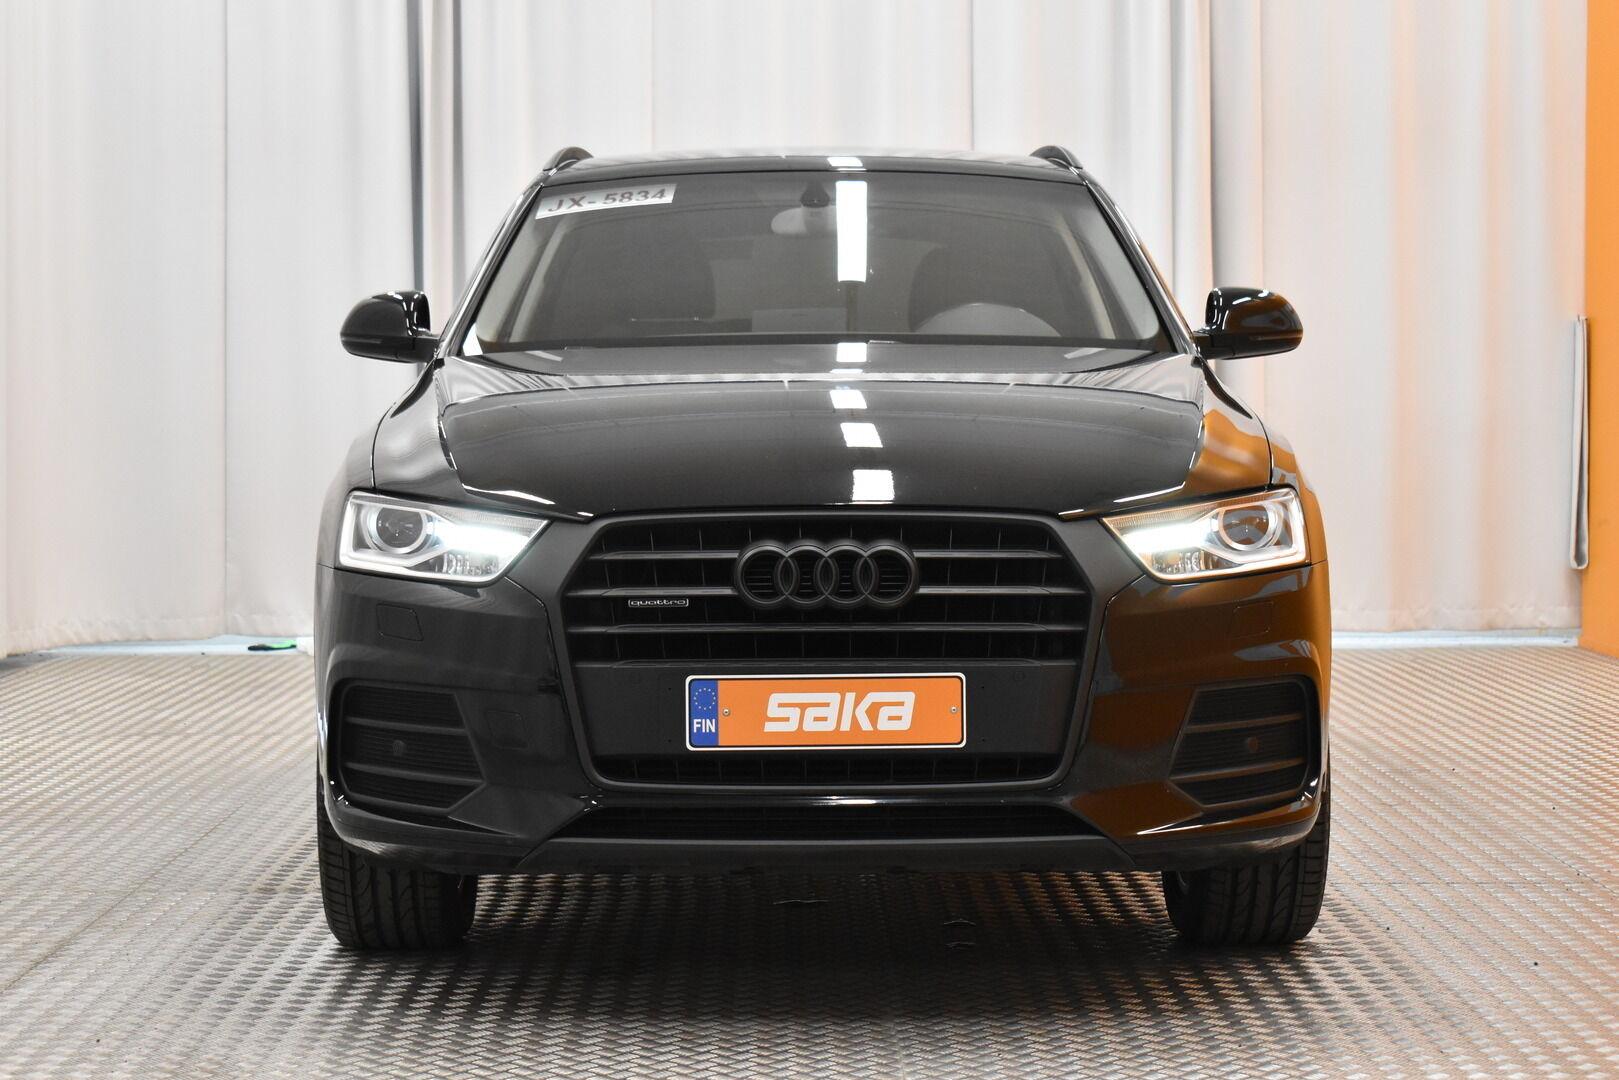 Musta Maastoauto, Audi Q3 – JÄR-13851, kuva 2